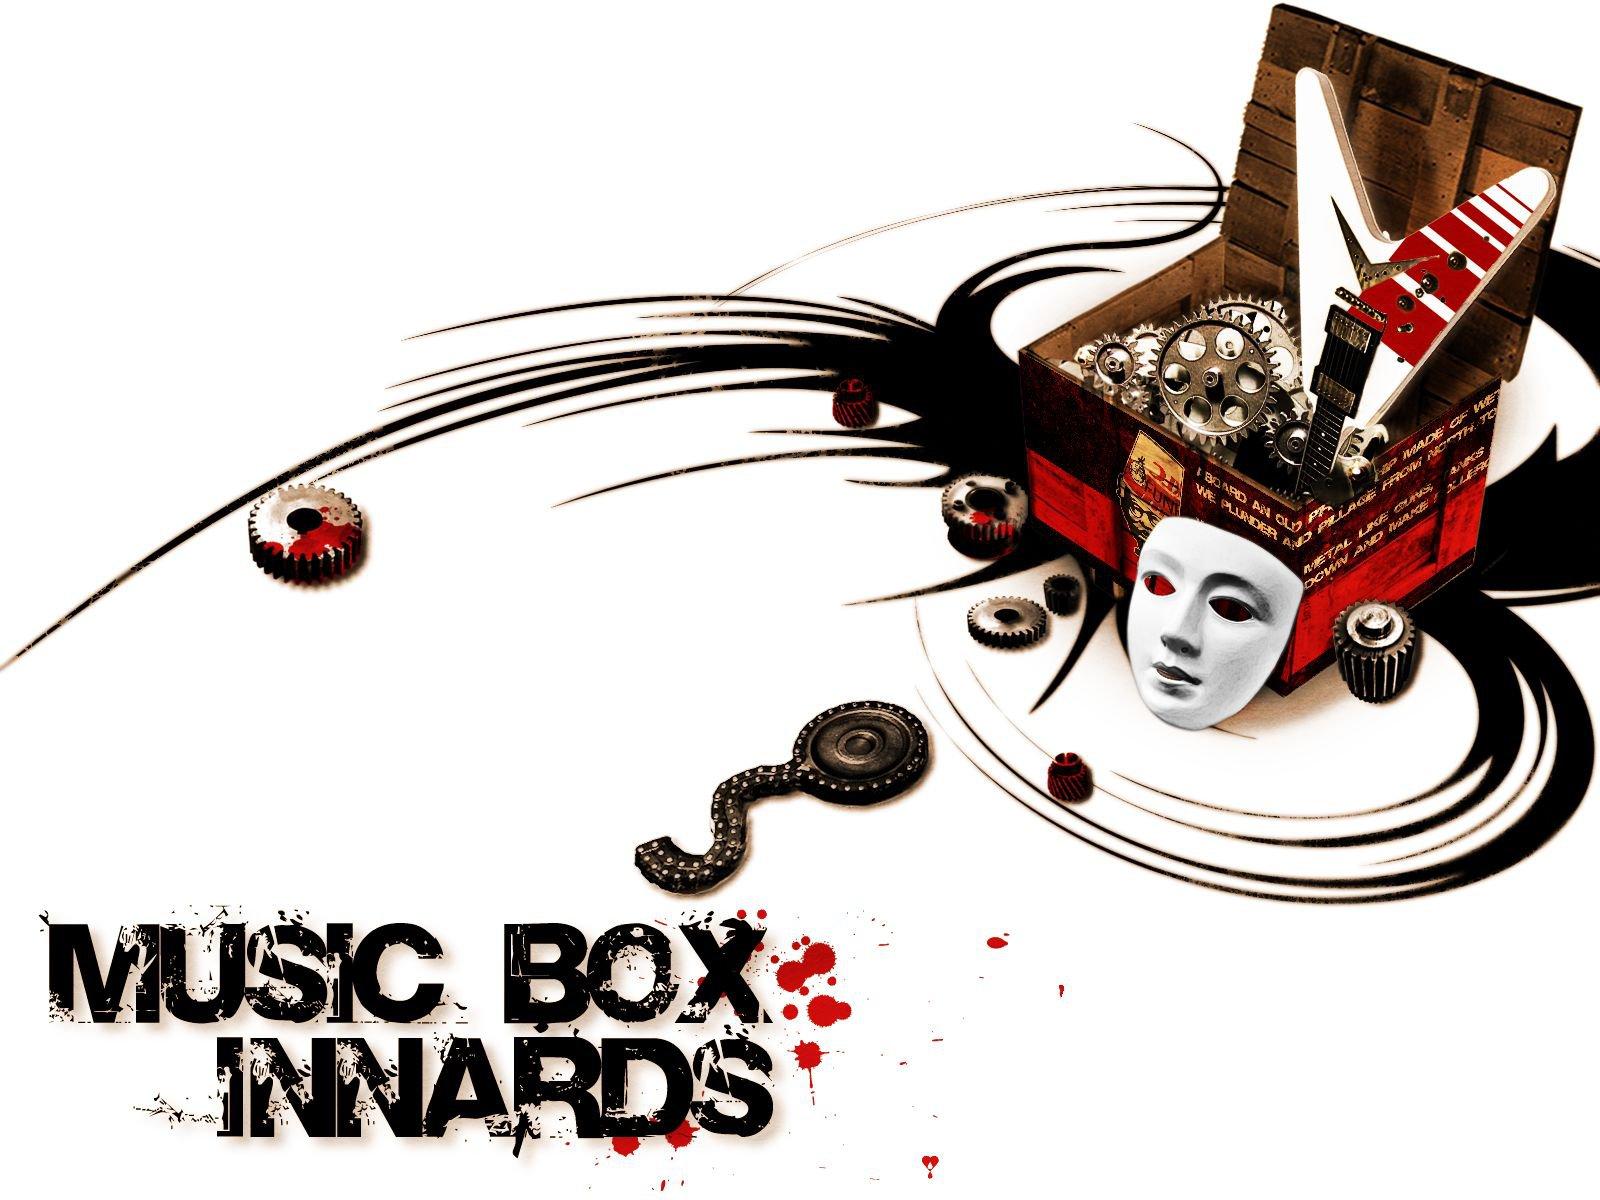 Music Box Innards by Skelatix on DeviantArt.